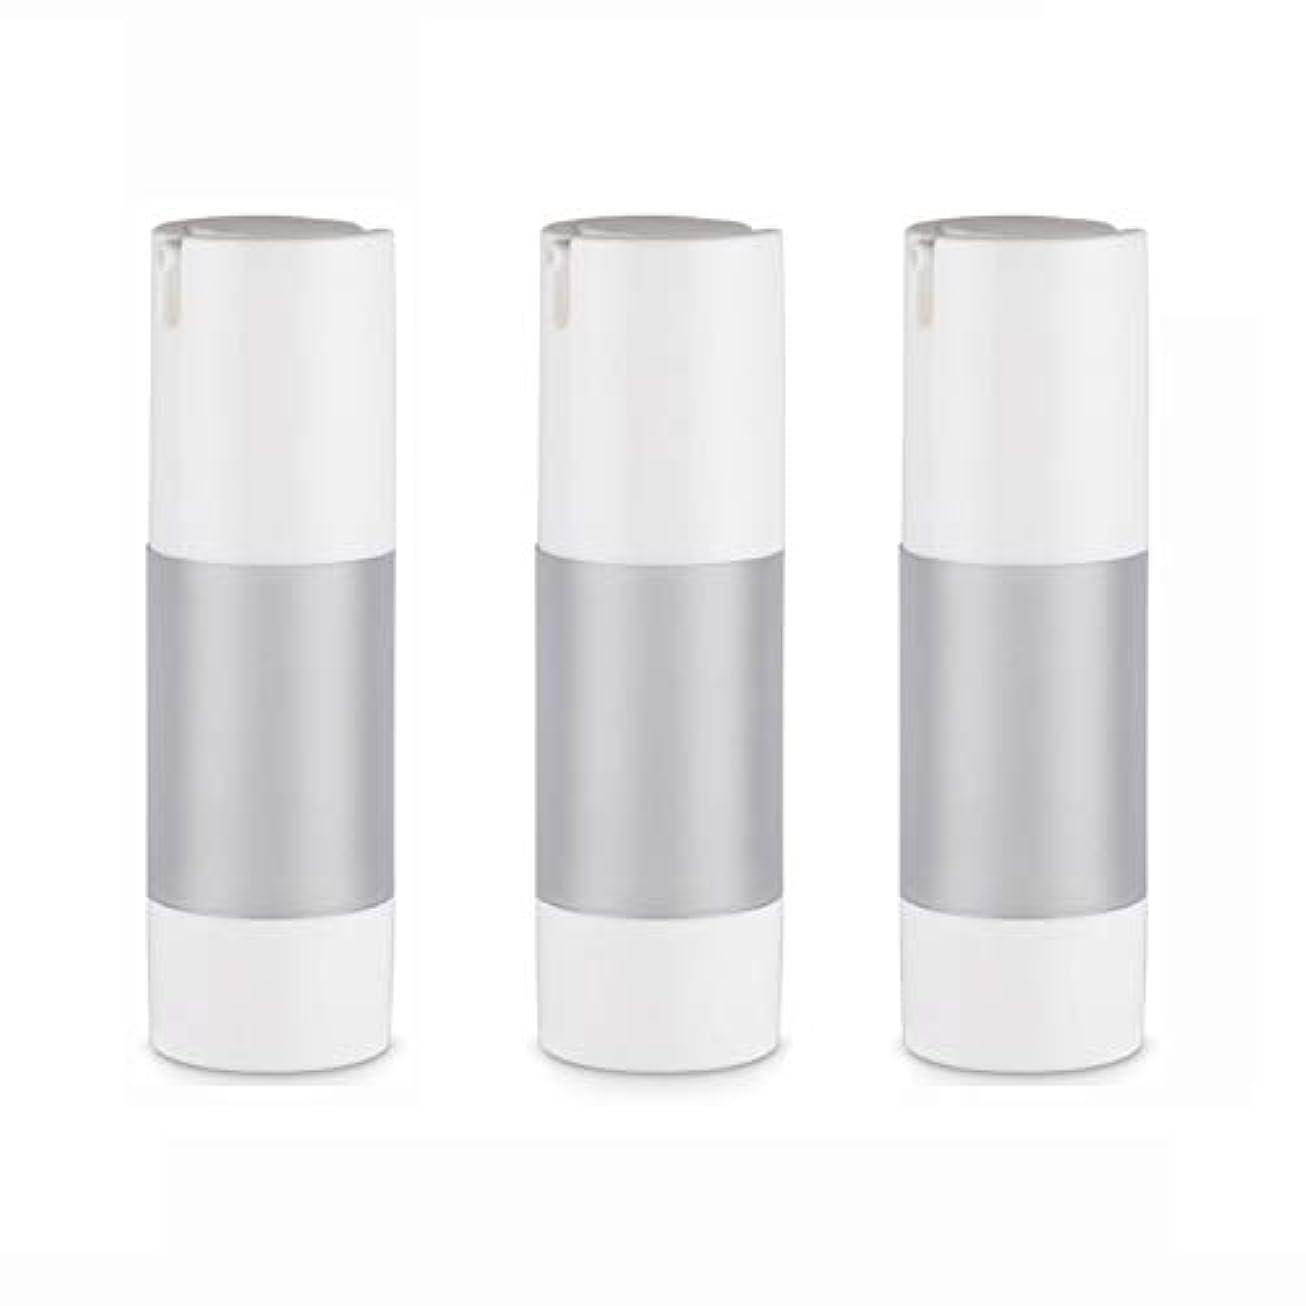 影のある大量上院議員小分けボトル 乳液 3本セット ディスペンサー ボトル シャンプー ボディーソープ ポンプボトル 真空 ボトル 詰替用ボトル 旅行用 (乳液30ml)